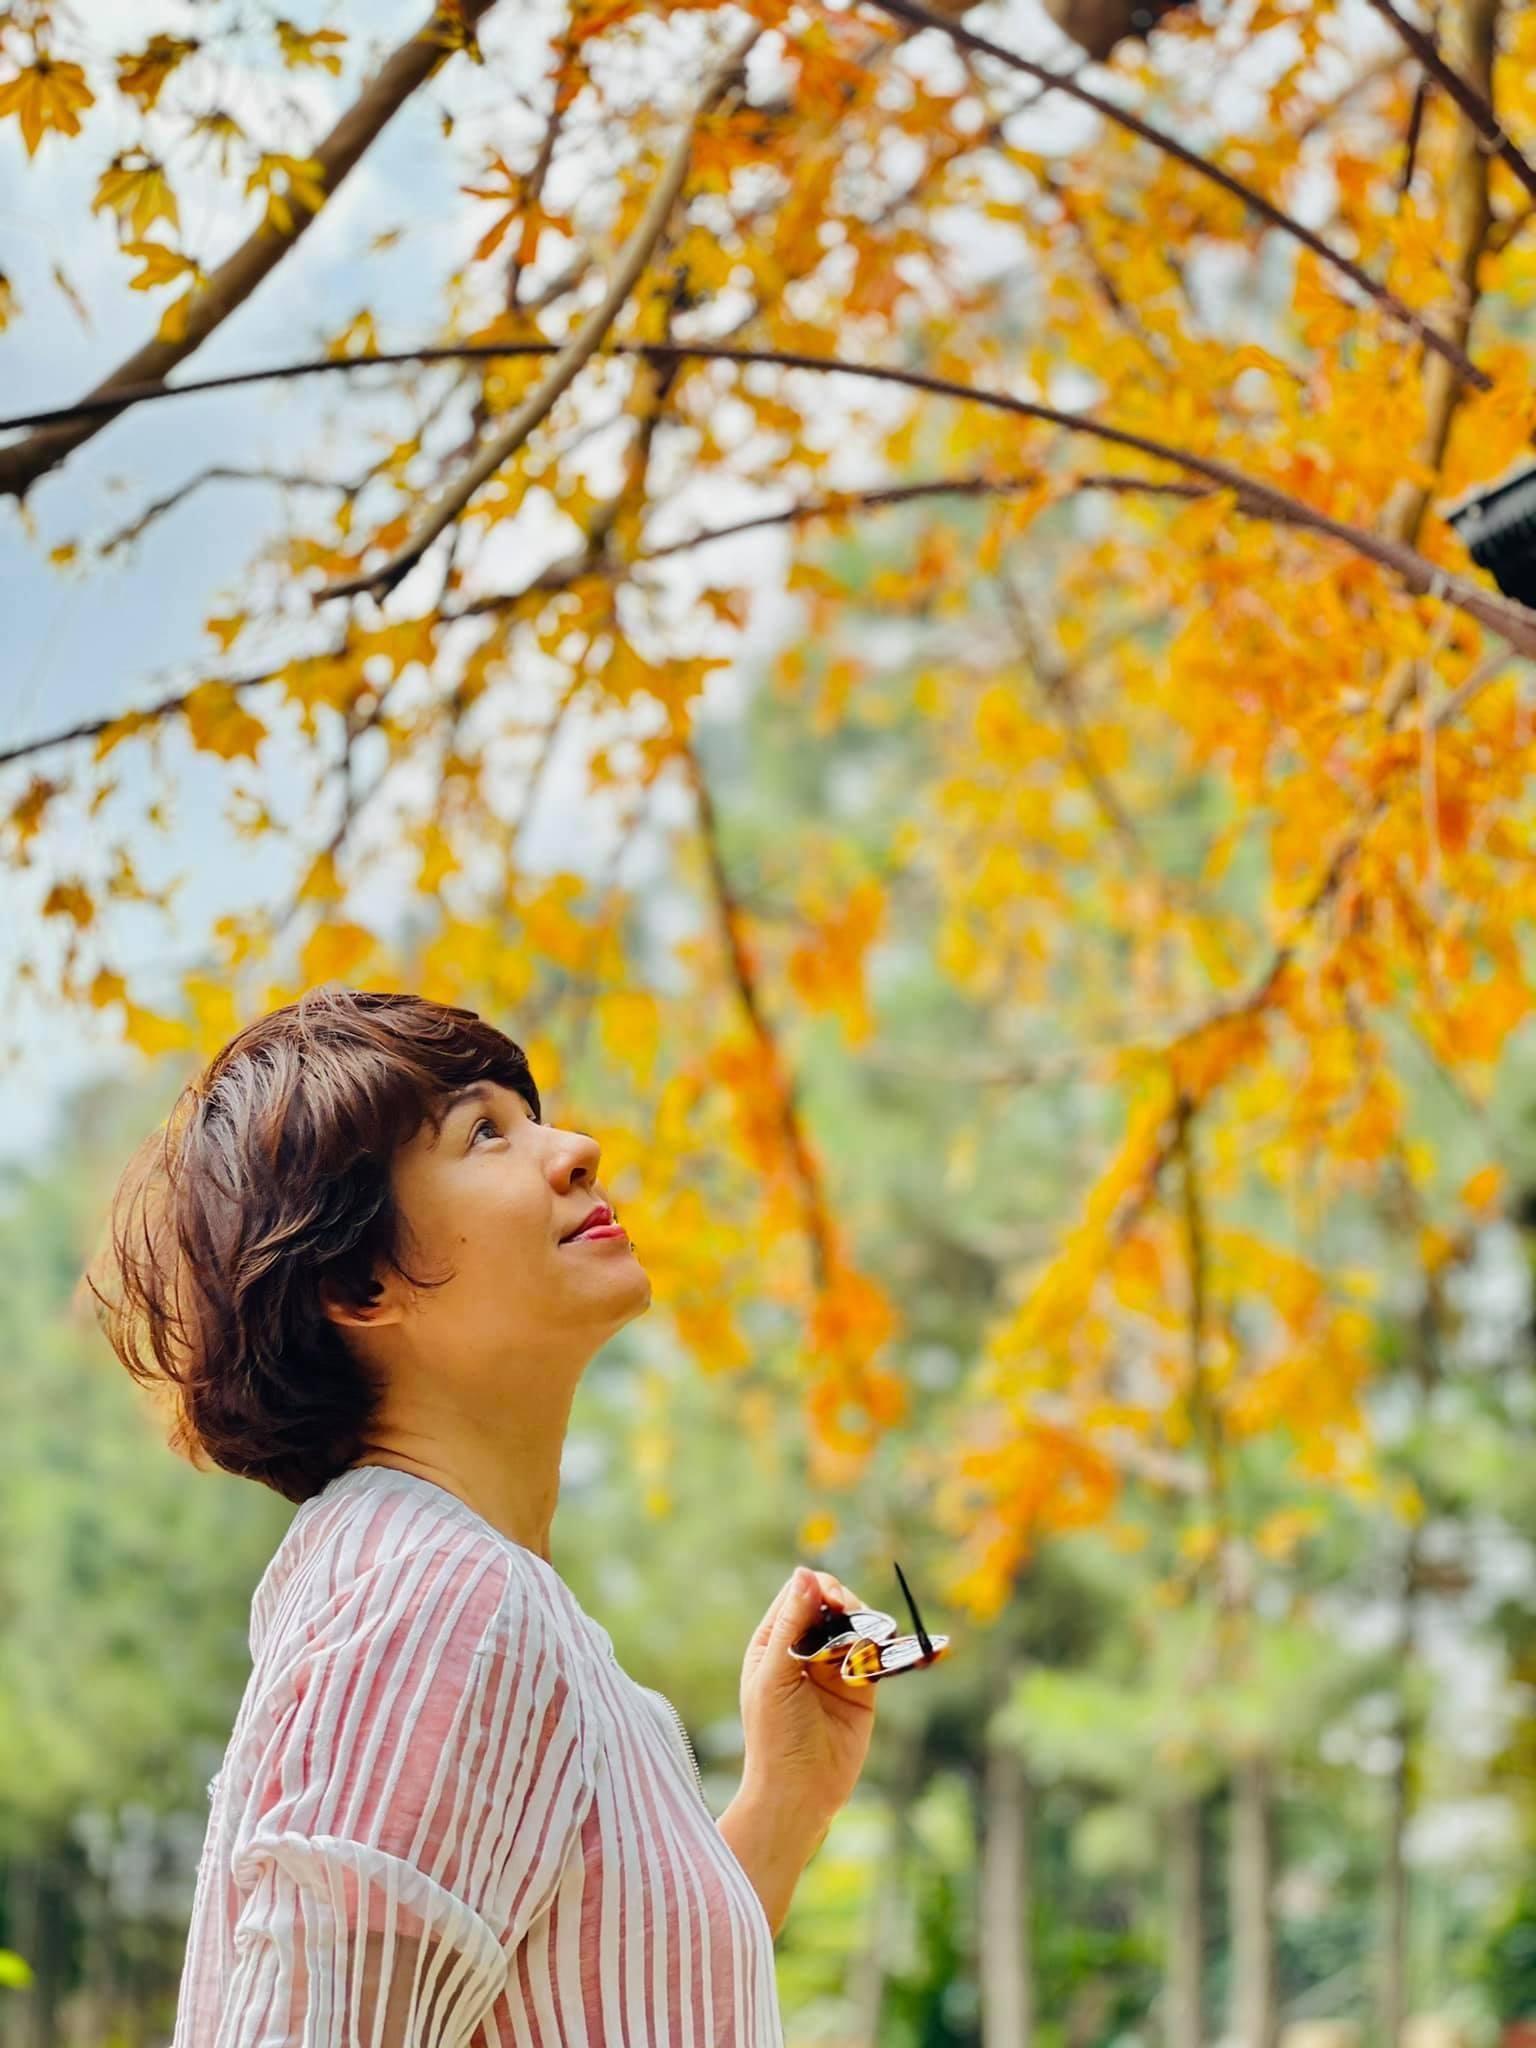 Quỳnh Kool tuổi 26 đẹp trong lành giữa nắng mai Ảnh 14